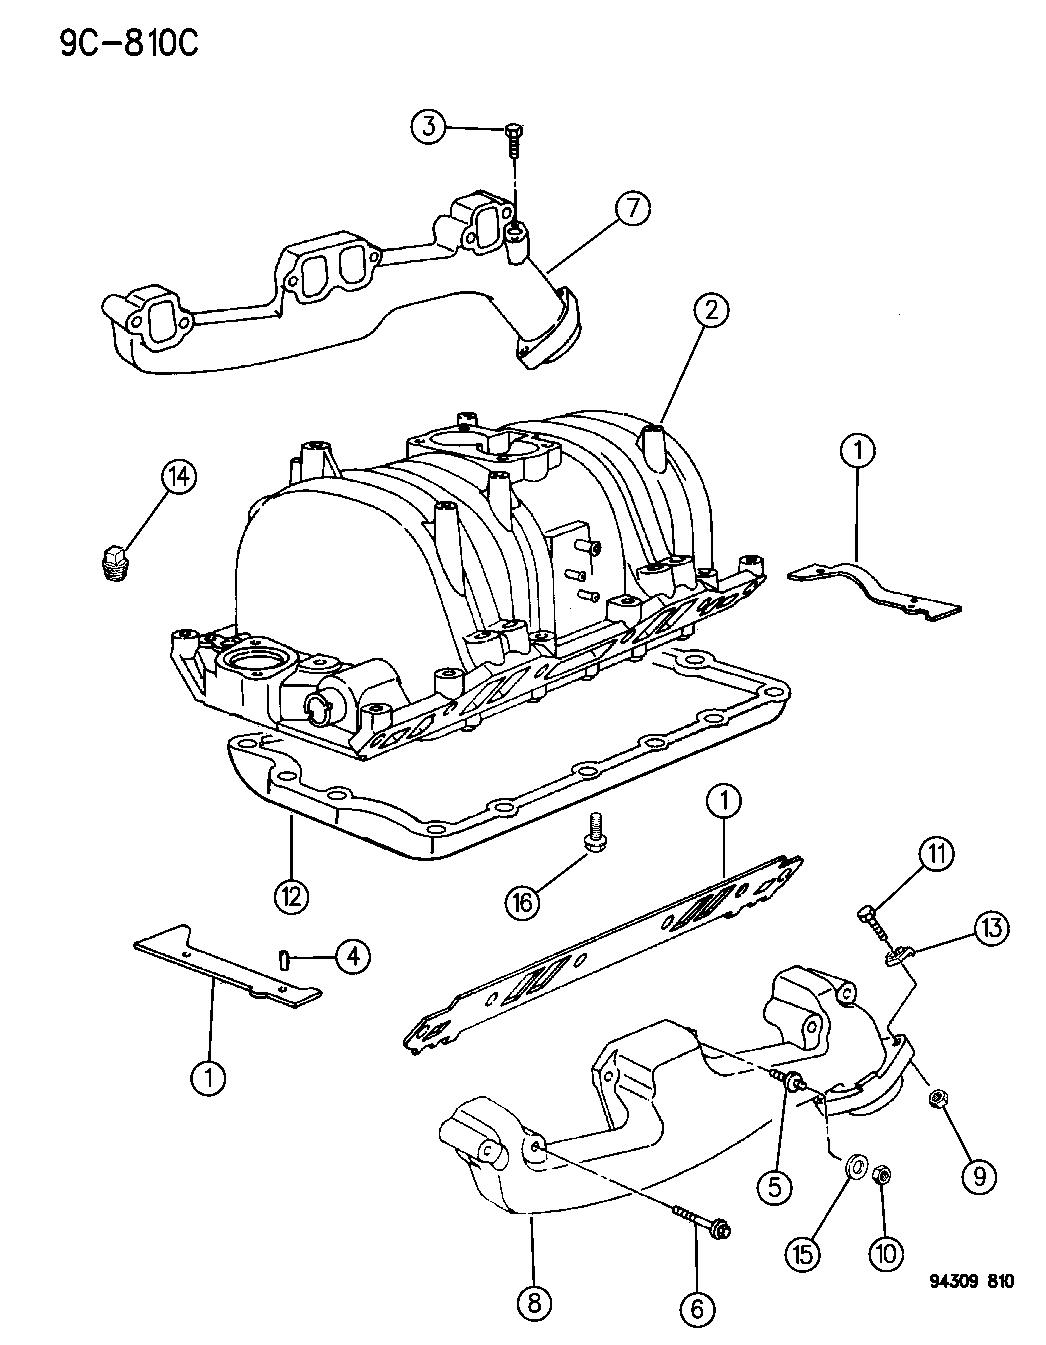 harness john wiring deere pf80988 96 ram 1500 engine diagram 84 bind volkswagen kroefges de  96 ram 1500 engine diagram 84 bind